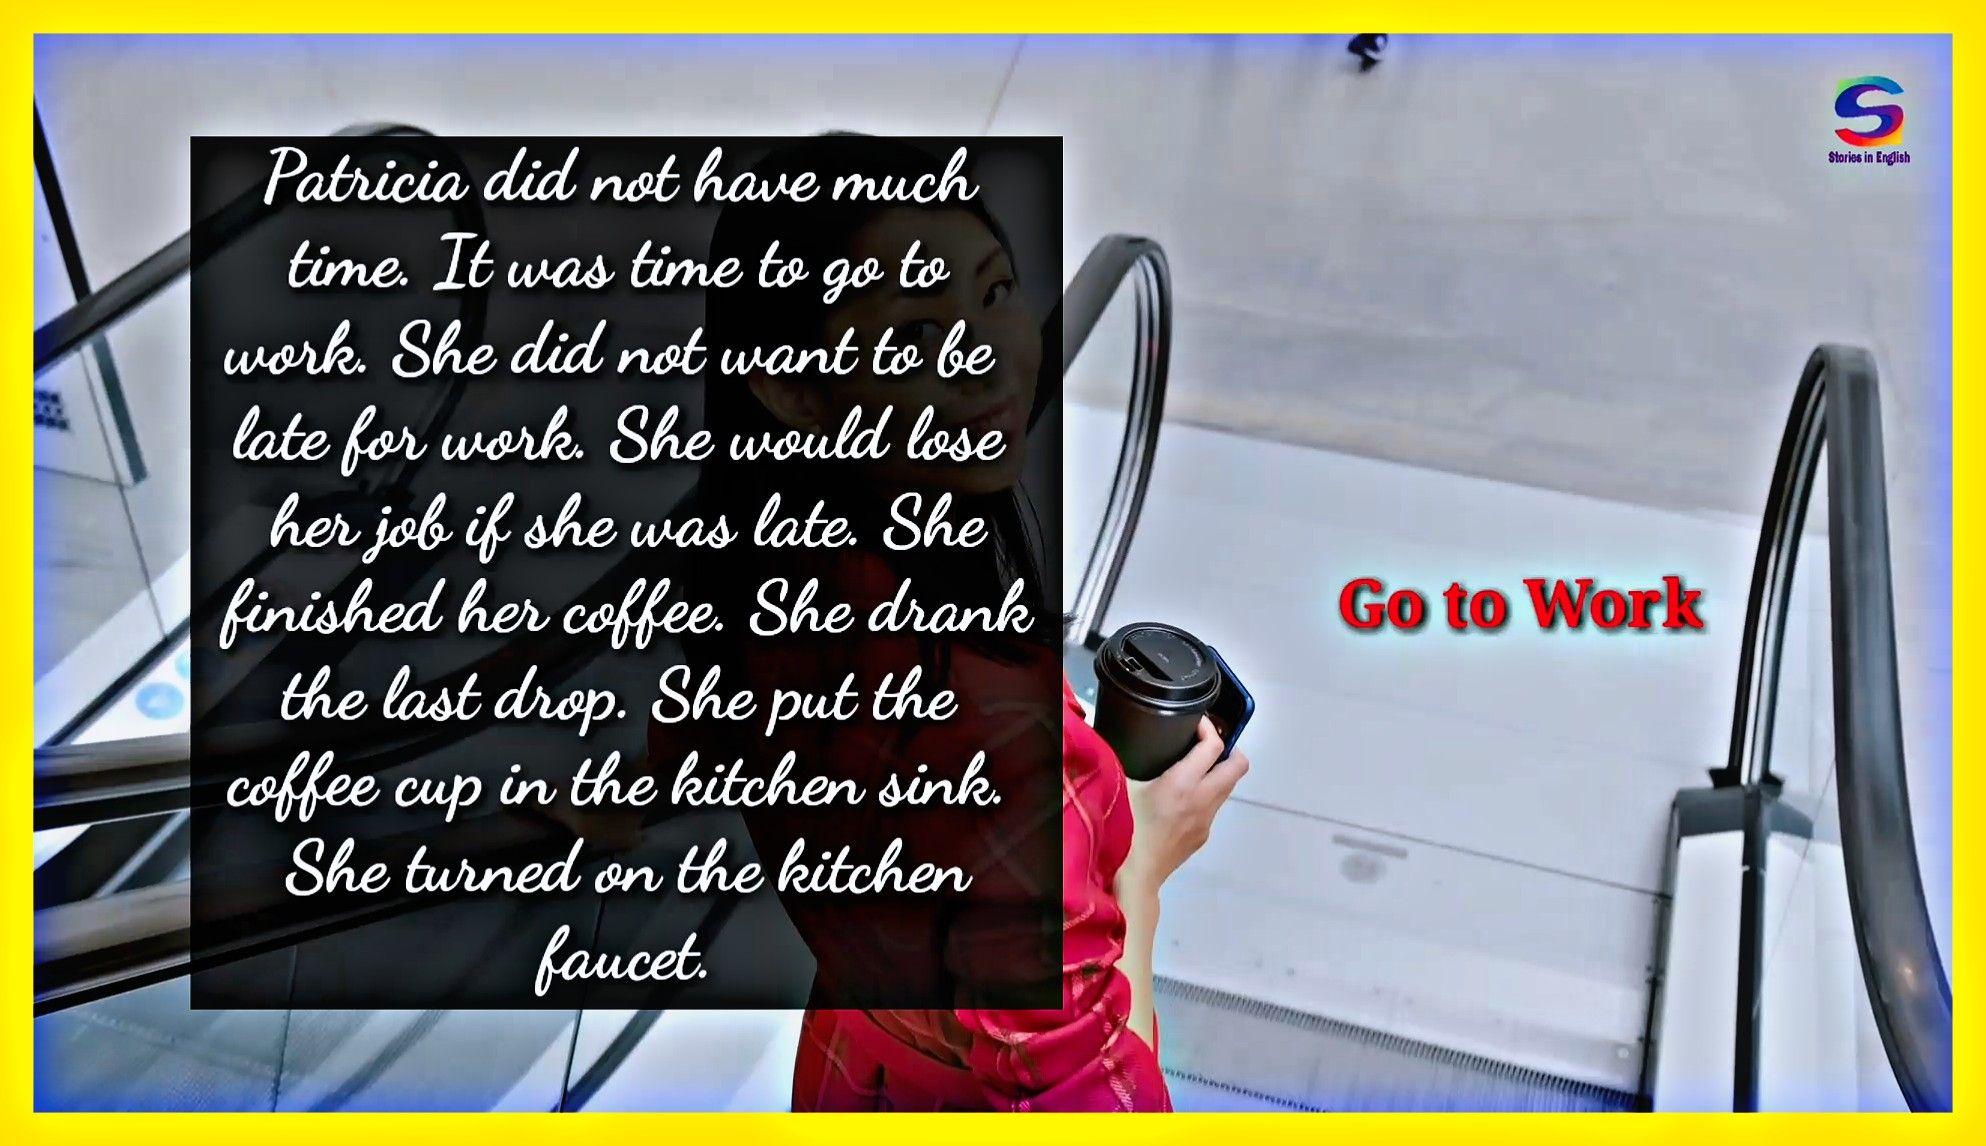 تعلم القراءة باللغة الانجليزية و تحسين مهارة النطق والاستماع بطريقة مدهشة وتعلم اللغة الانجليزية من Going To Work The Last Drop Losing Her